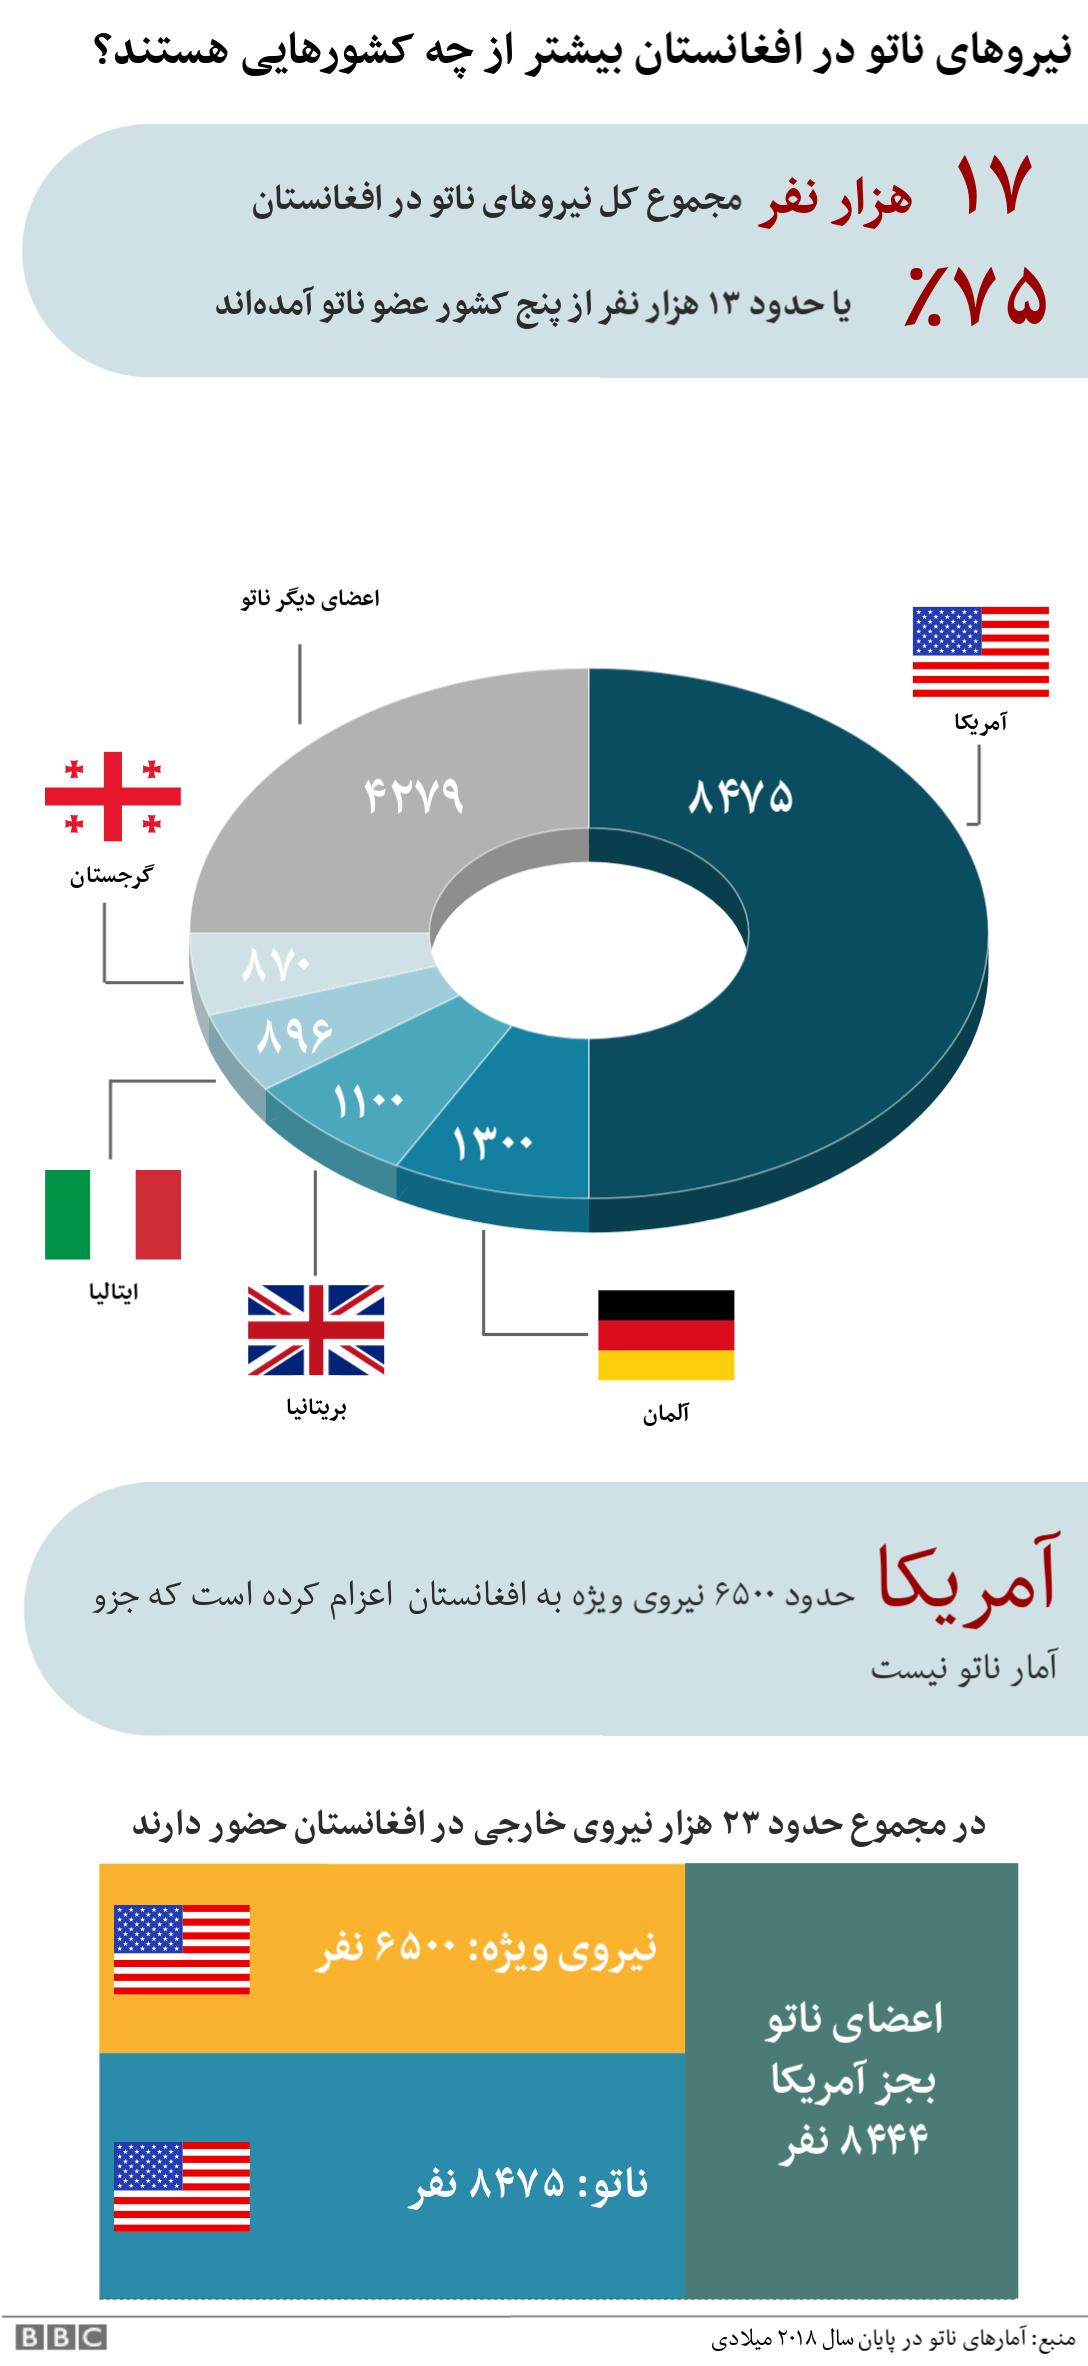 نمودار نیروهای خارجی در افغانستان